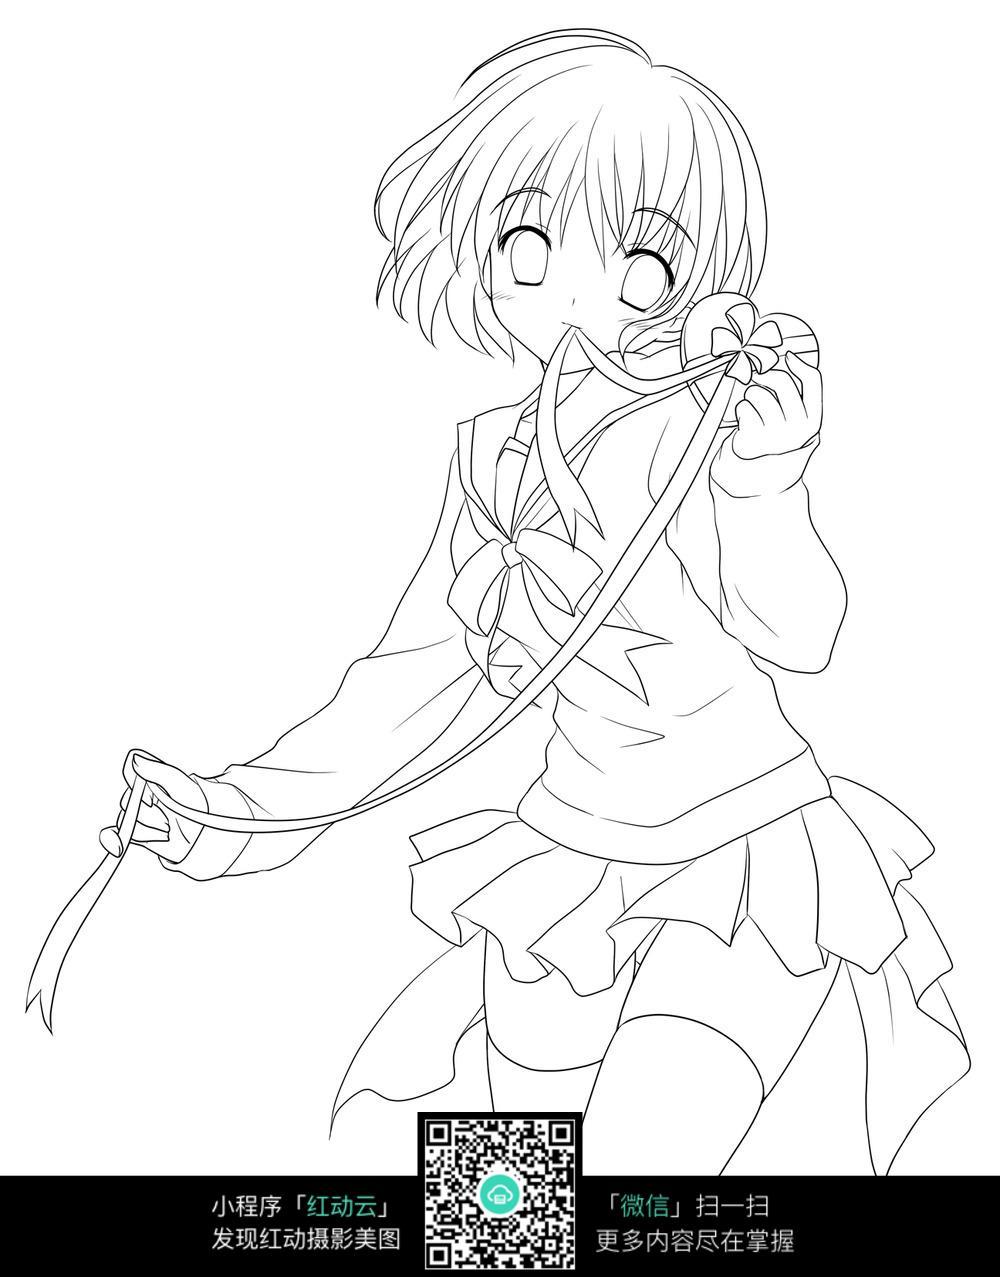 青纯美少女手绘